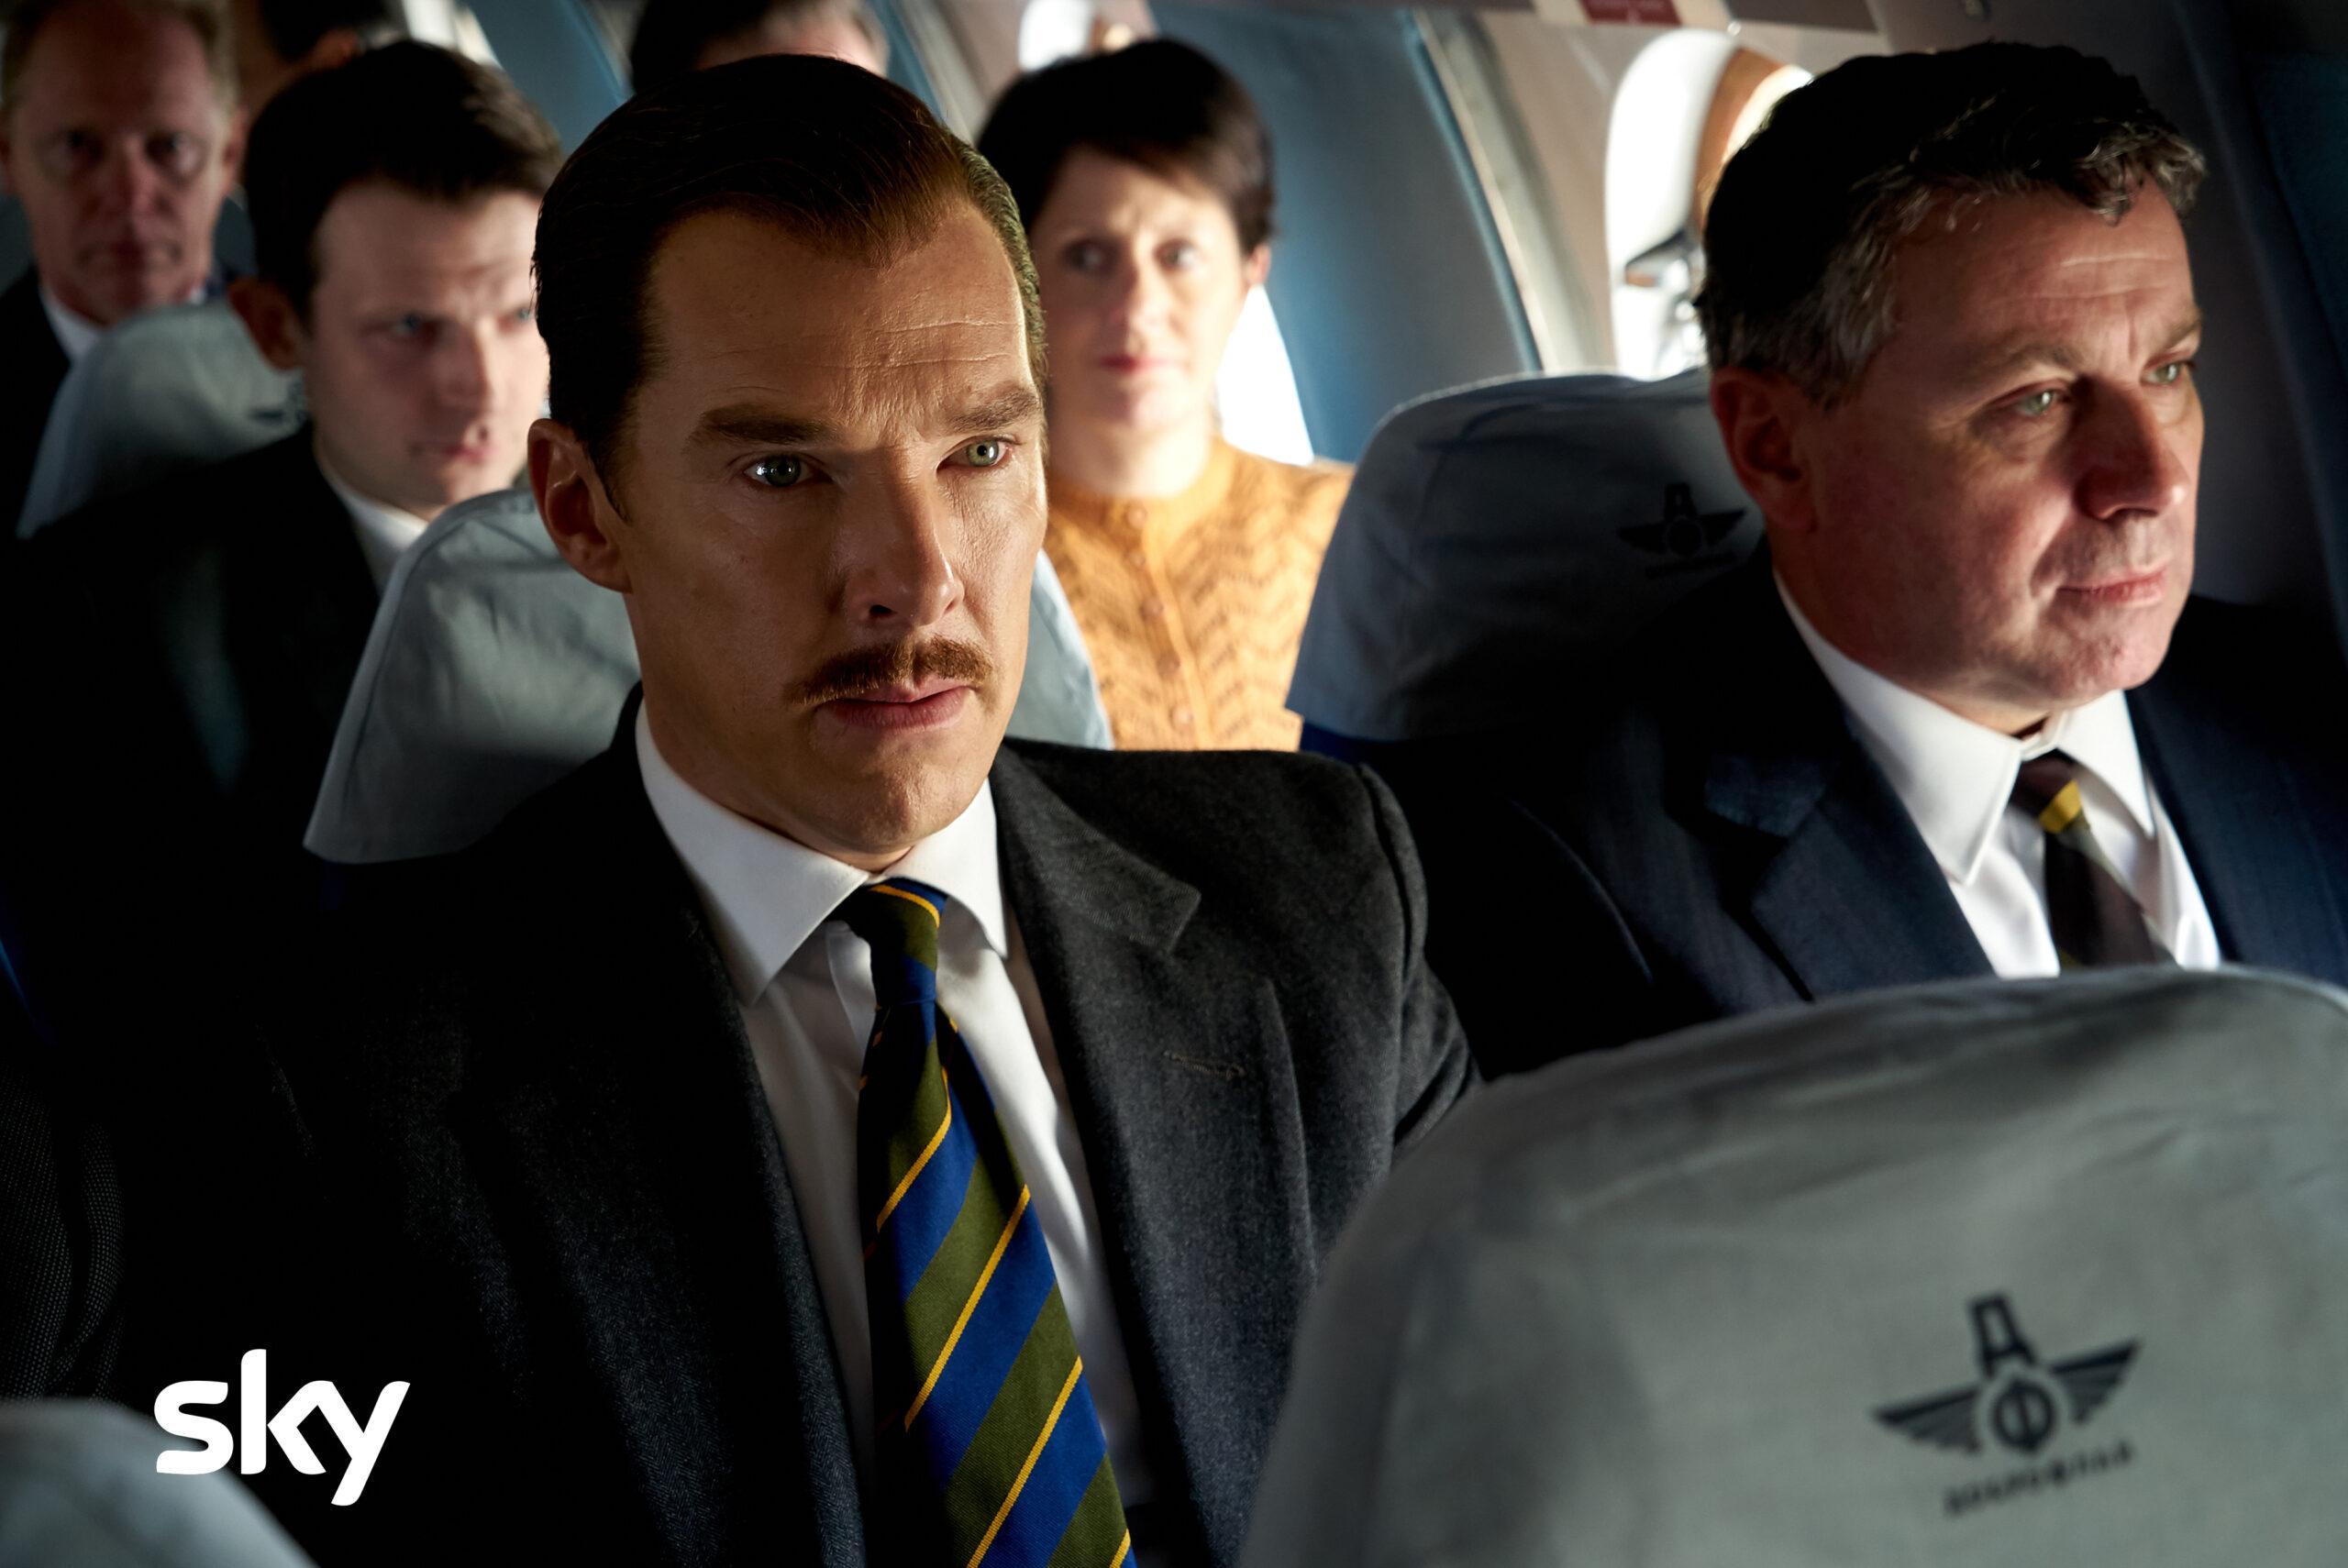 L'Ombra delle Spie: Da Lunedì 30 Agosto su Sky Cinema Uno